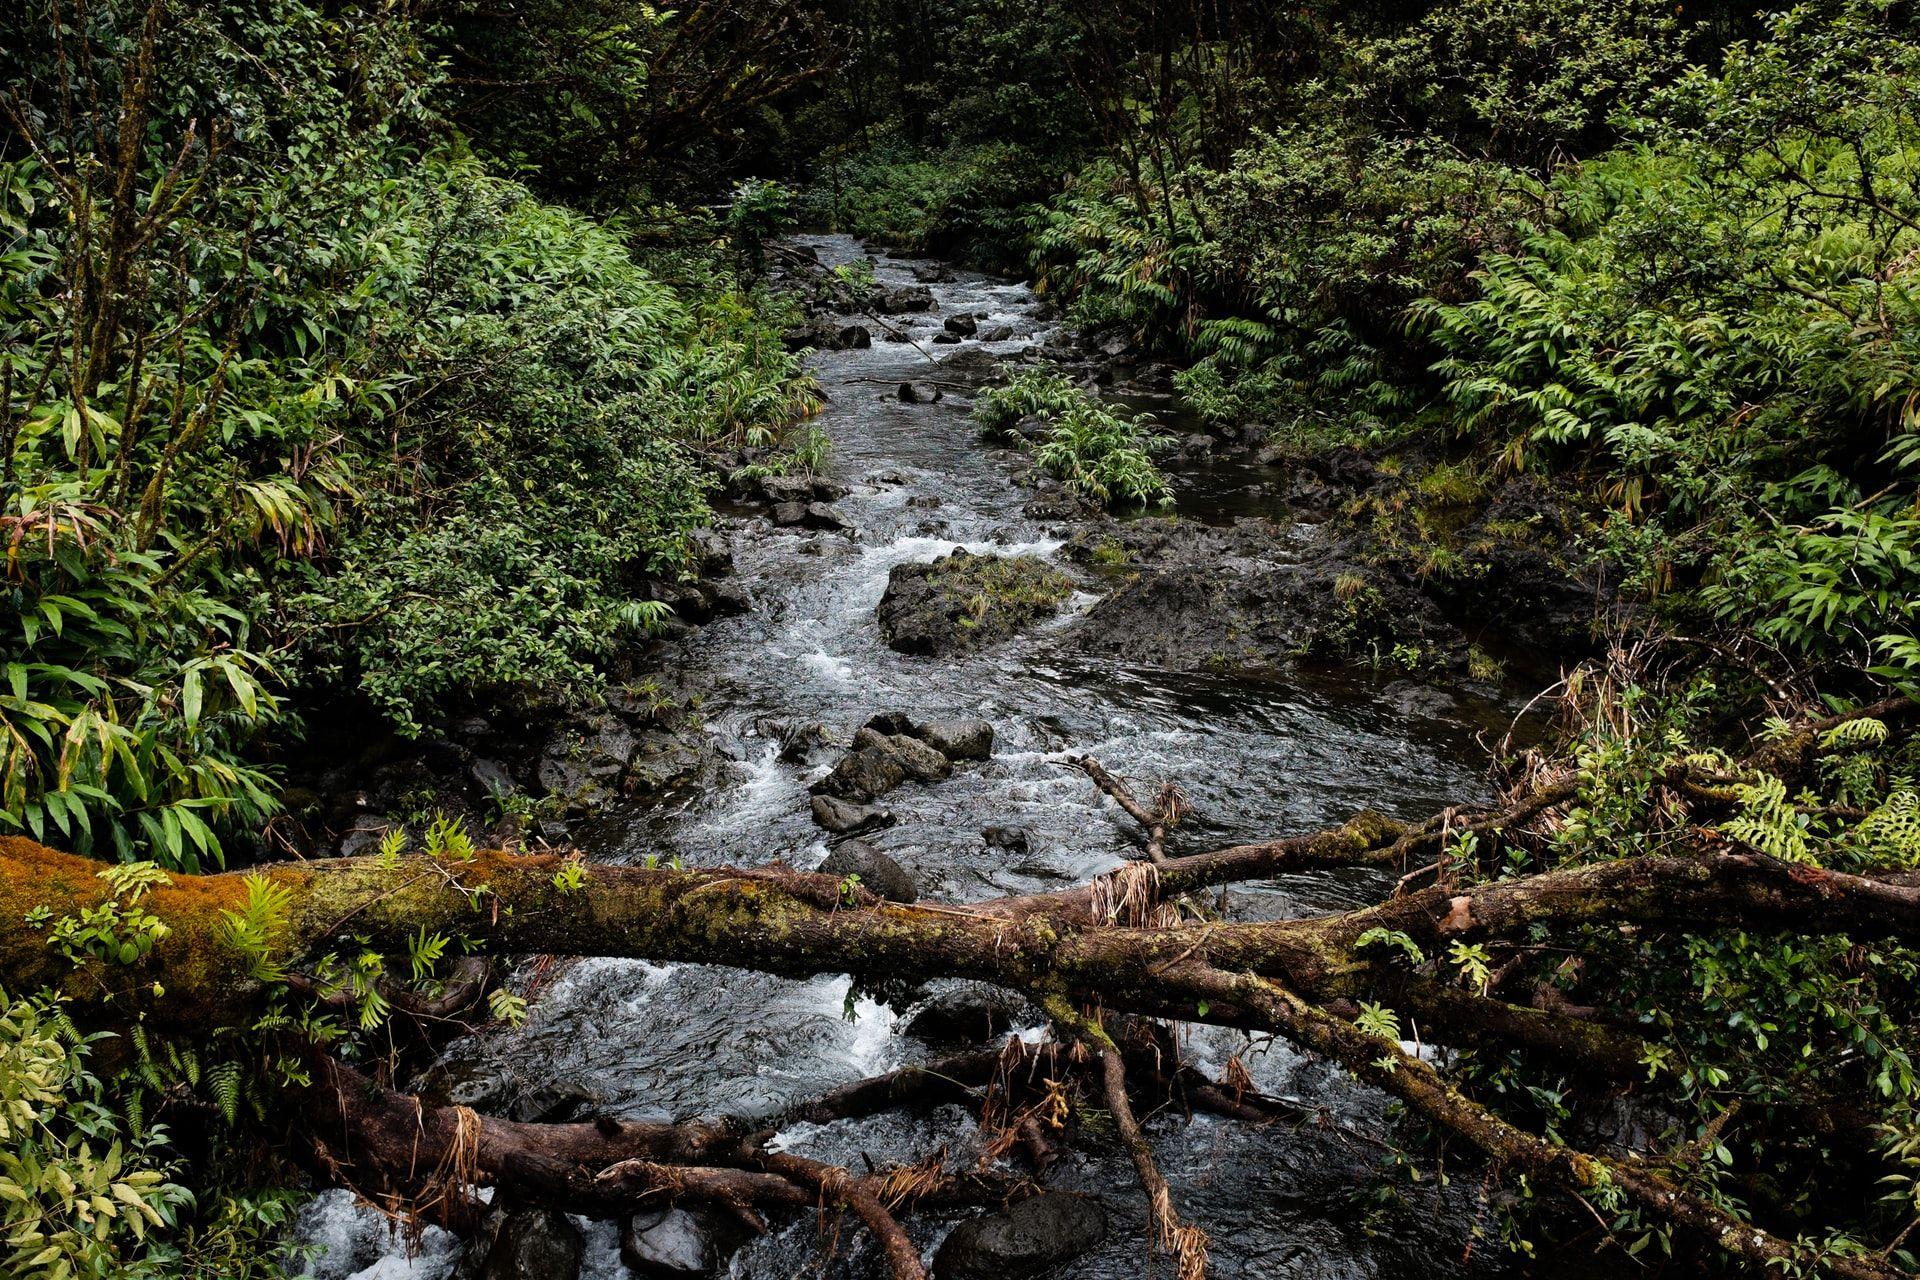 Tree that has fallen across a stream